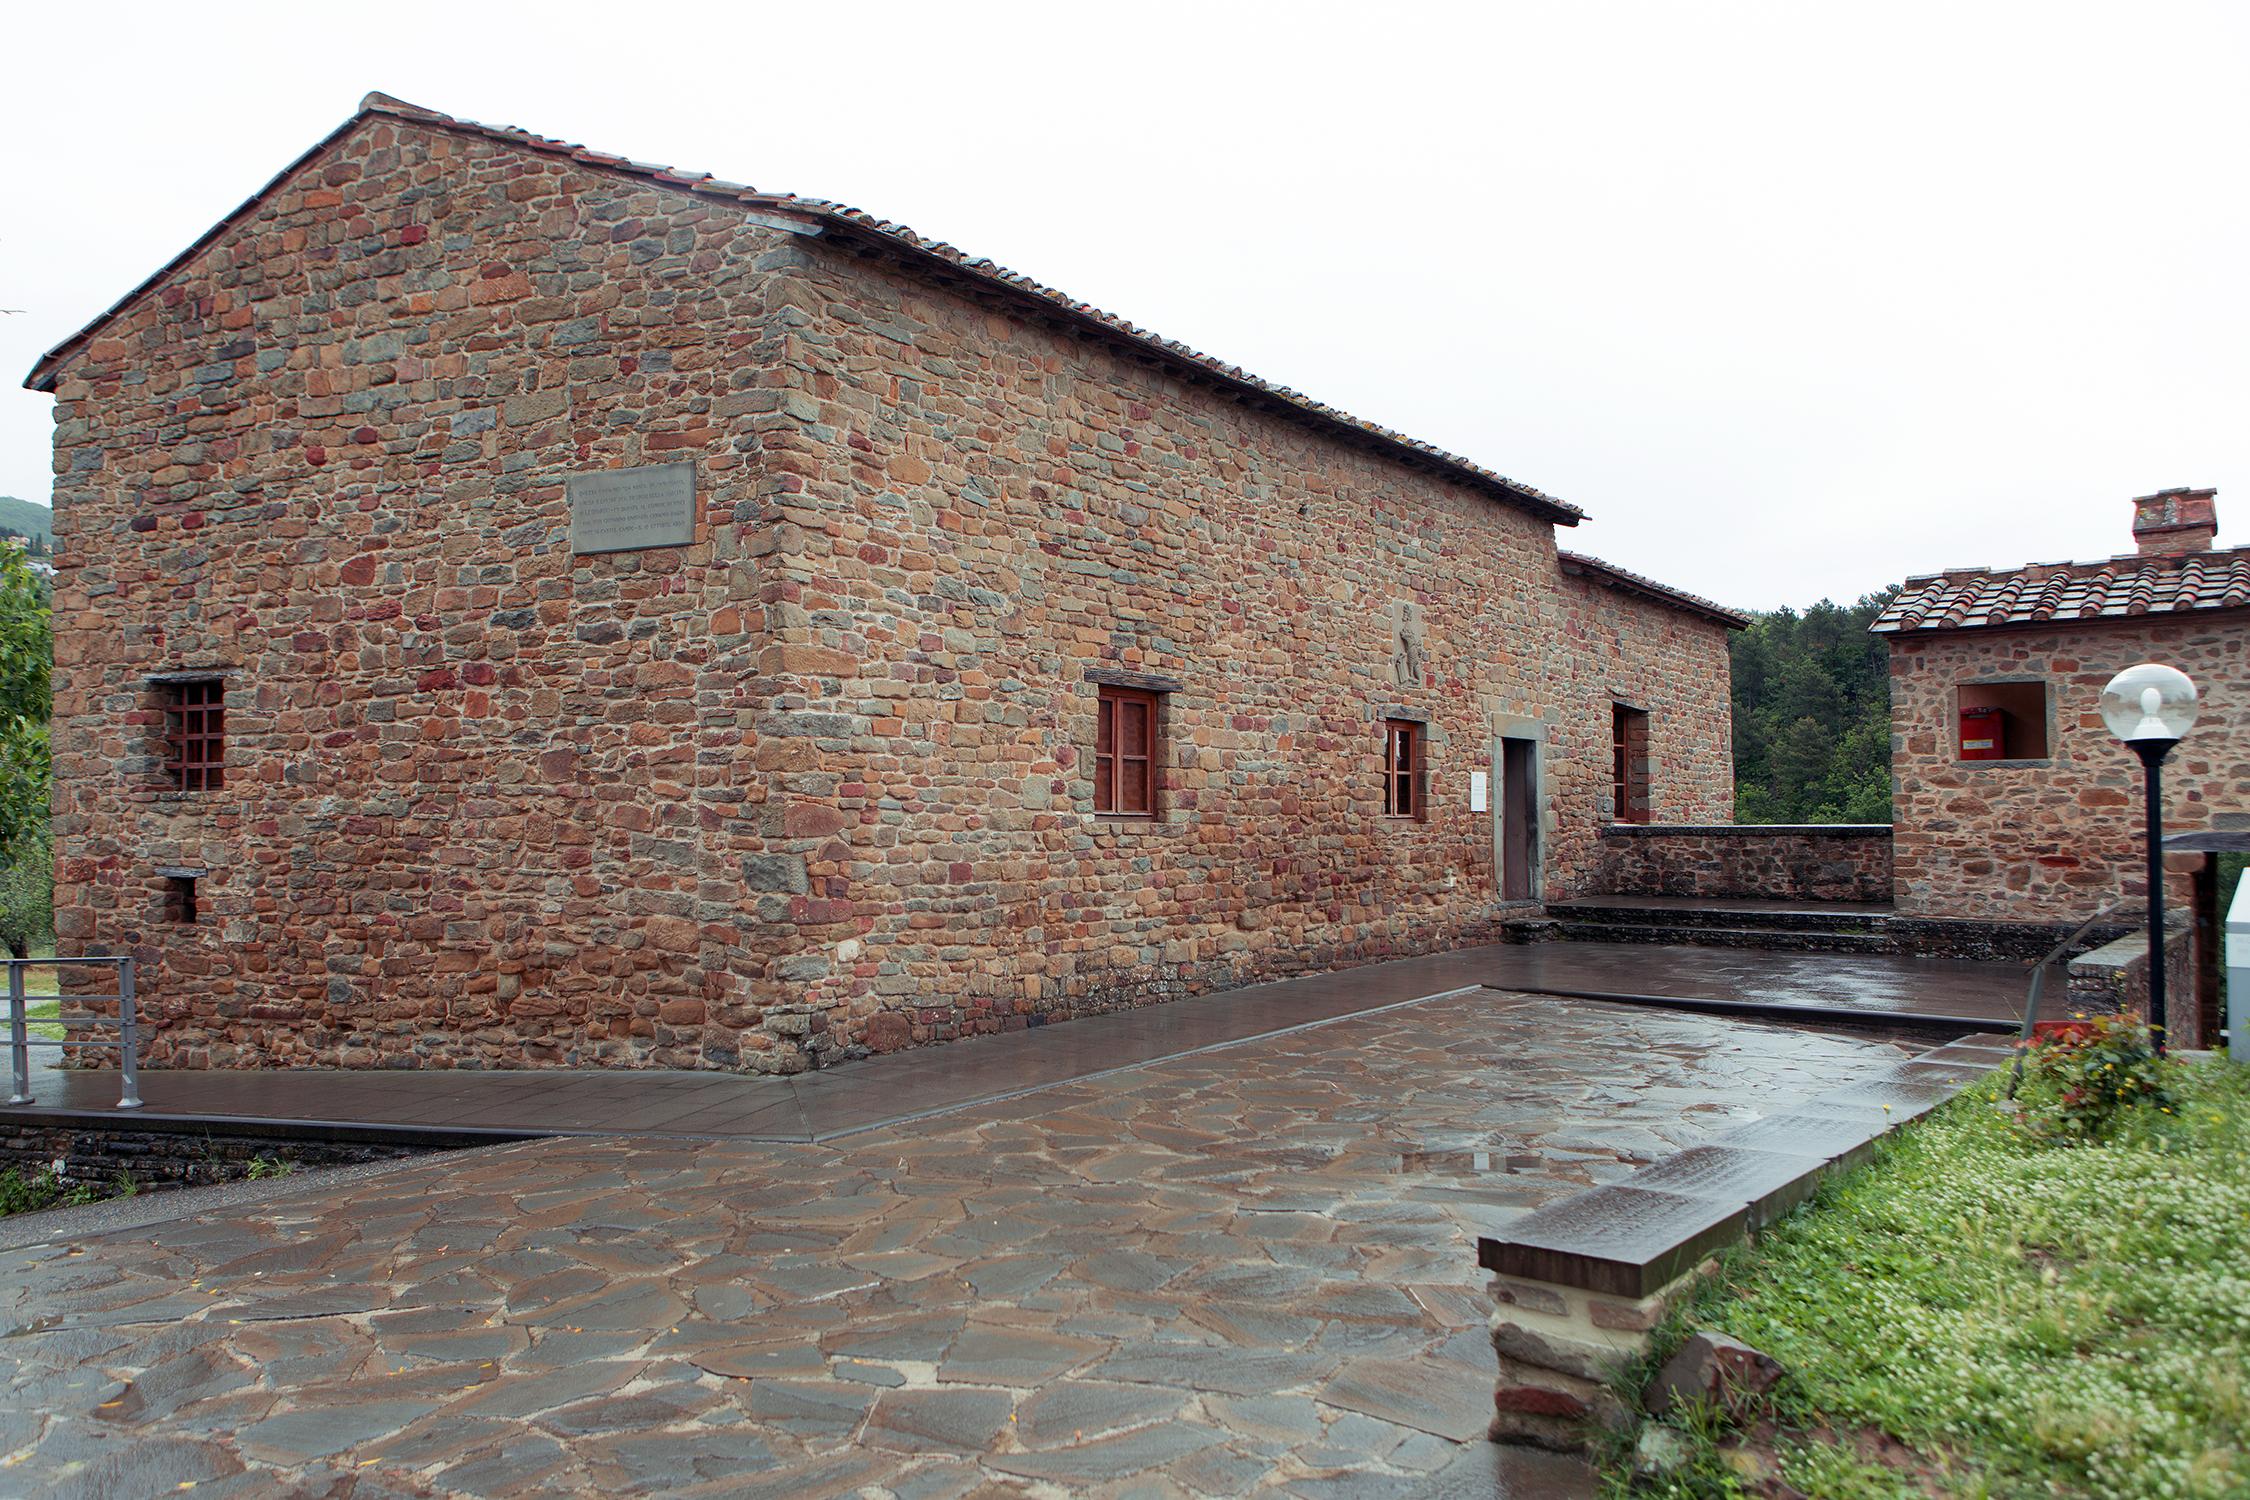 Casa Natale ad Anchiano, frazione di Vinci (FI), oggi adibita a museo.